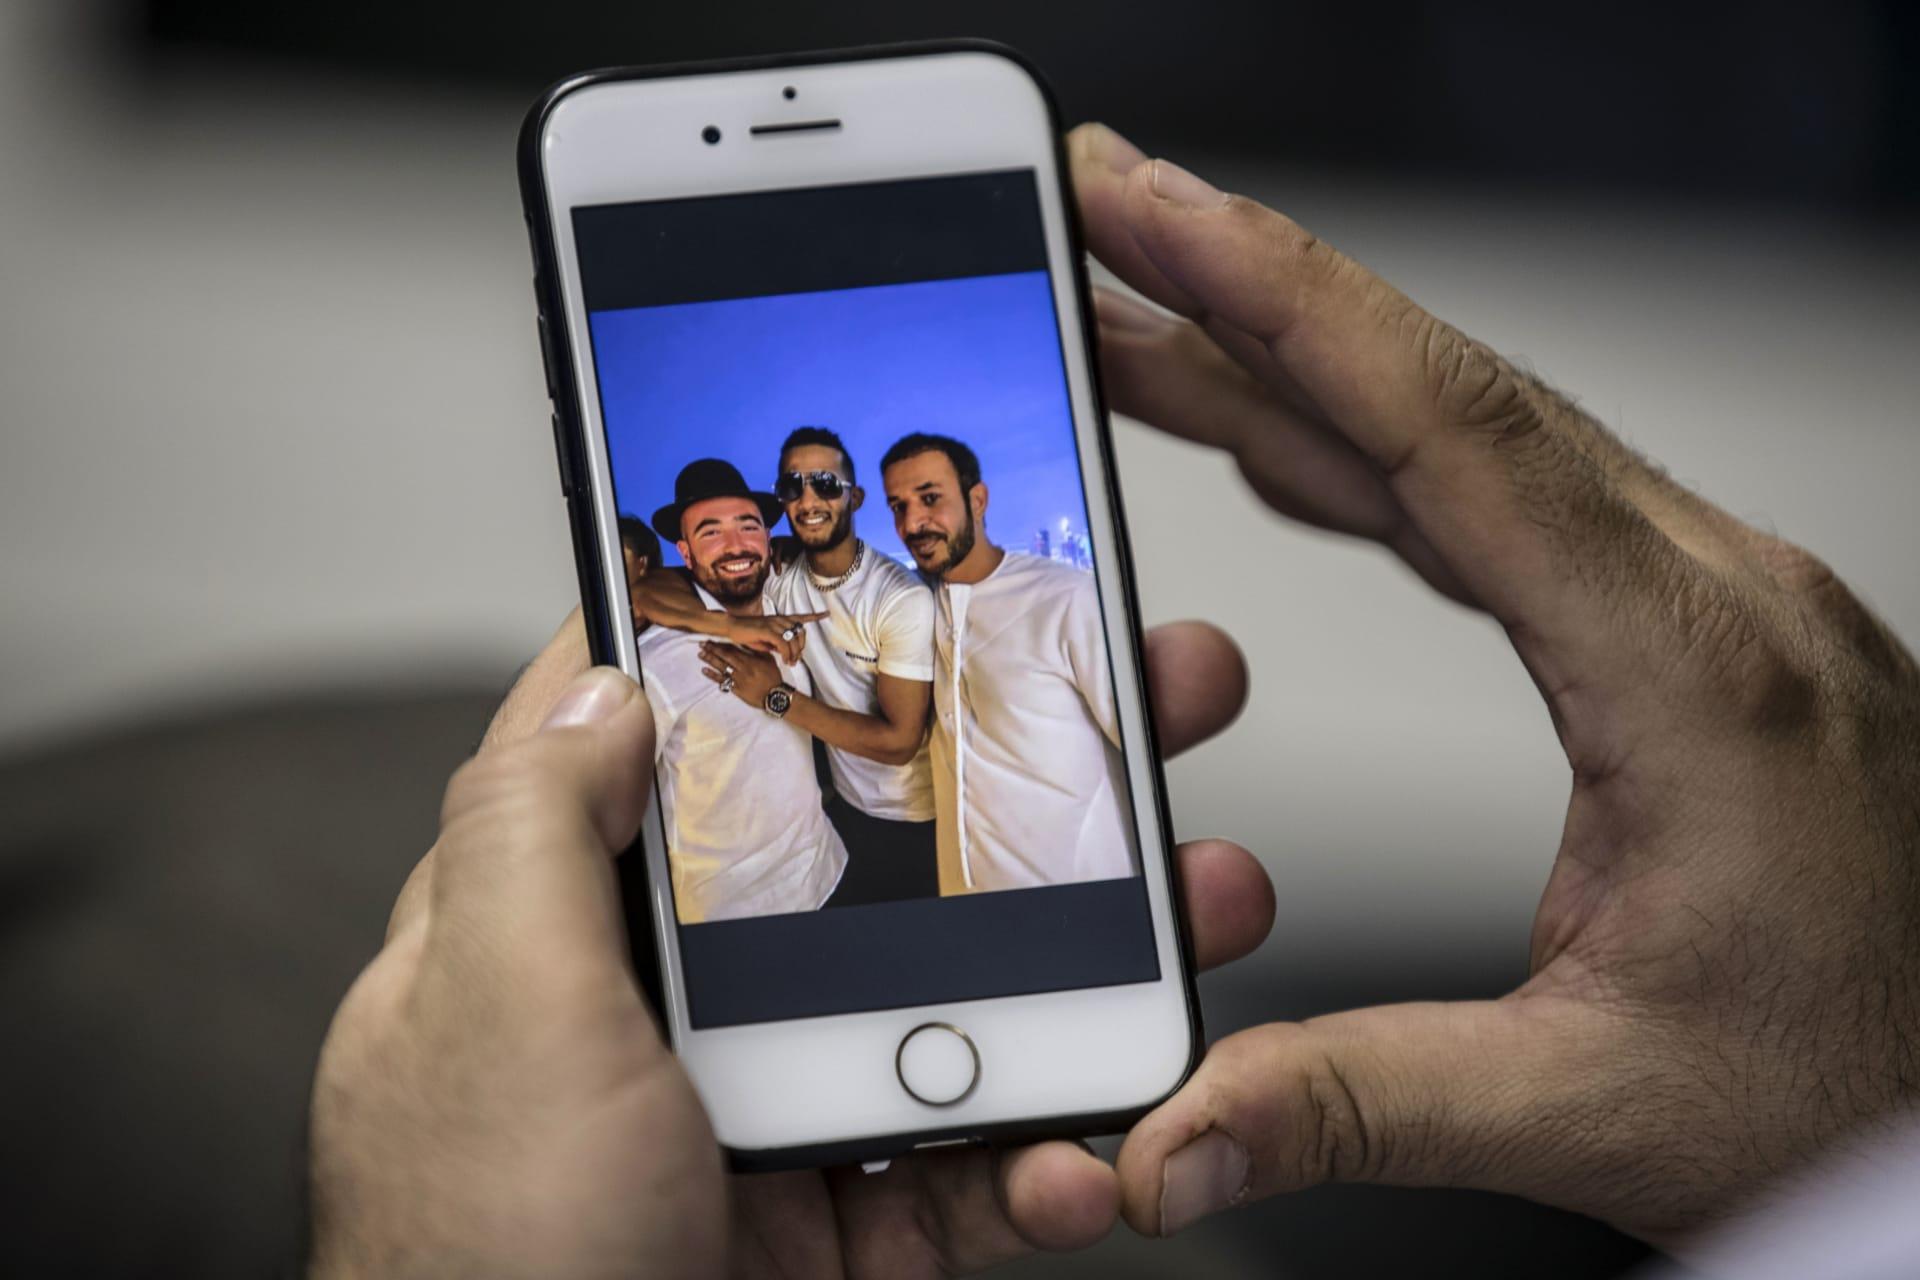 محمد رمضان مع المطرب الإسرائيلي عومير آدام والإماراتي حمد المزروعي